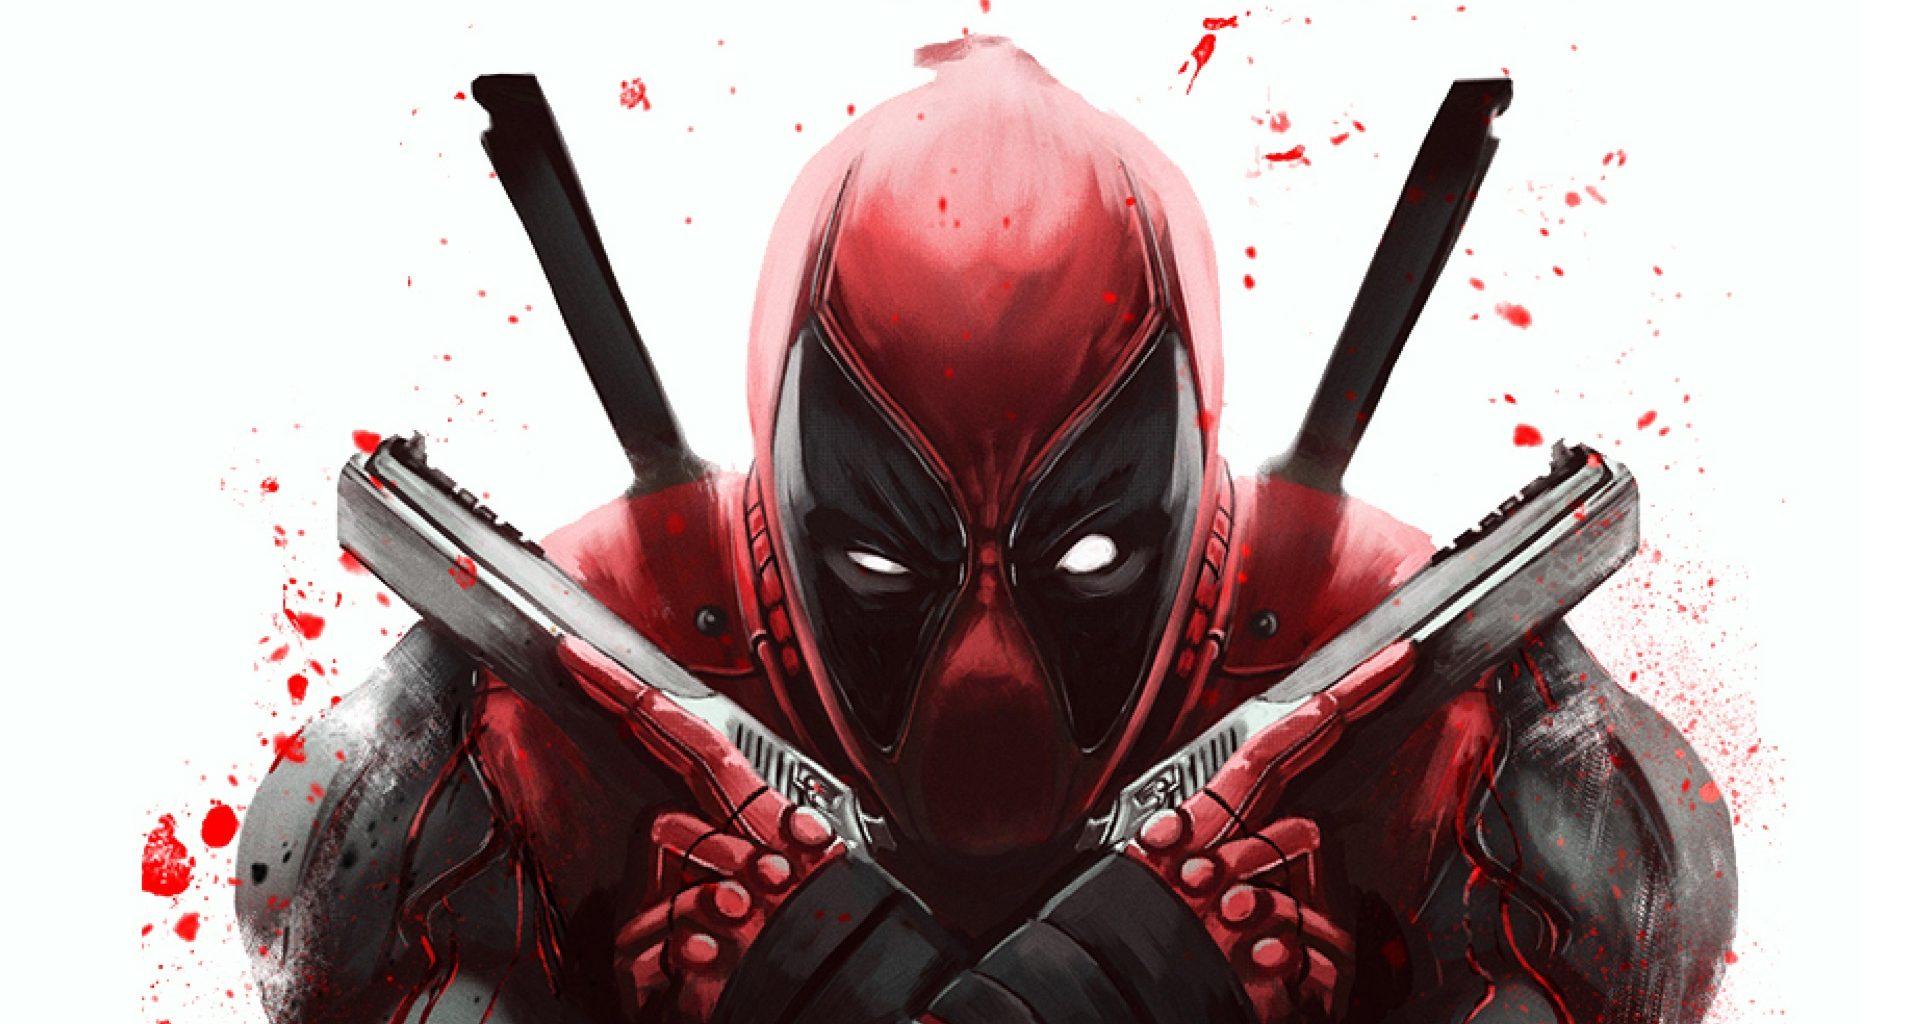 wallpapersden.com marvel deadpool artwork 2248x2248